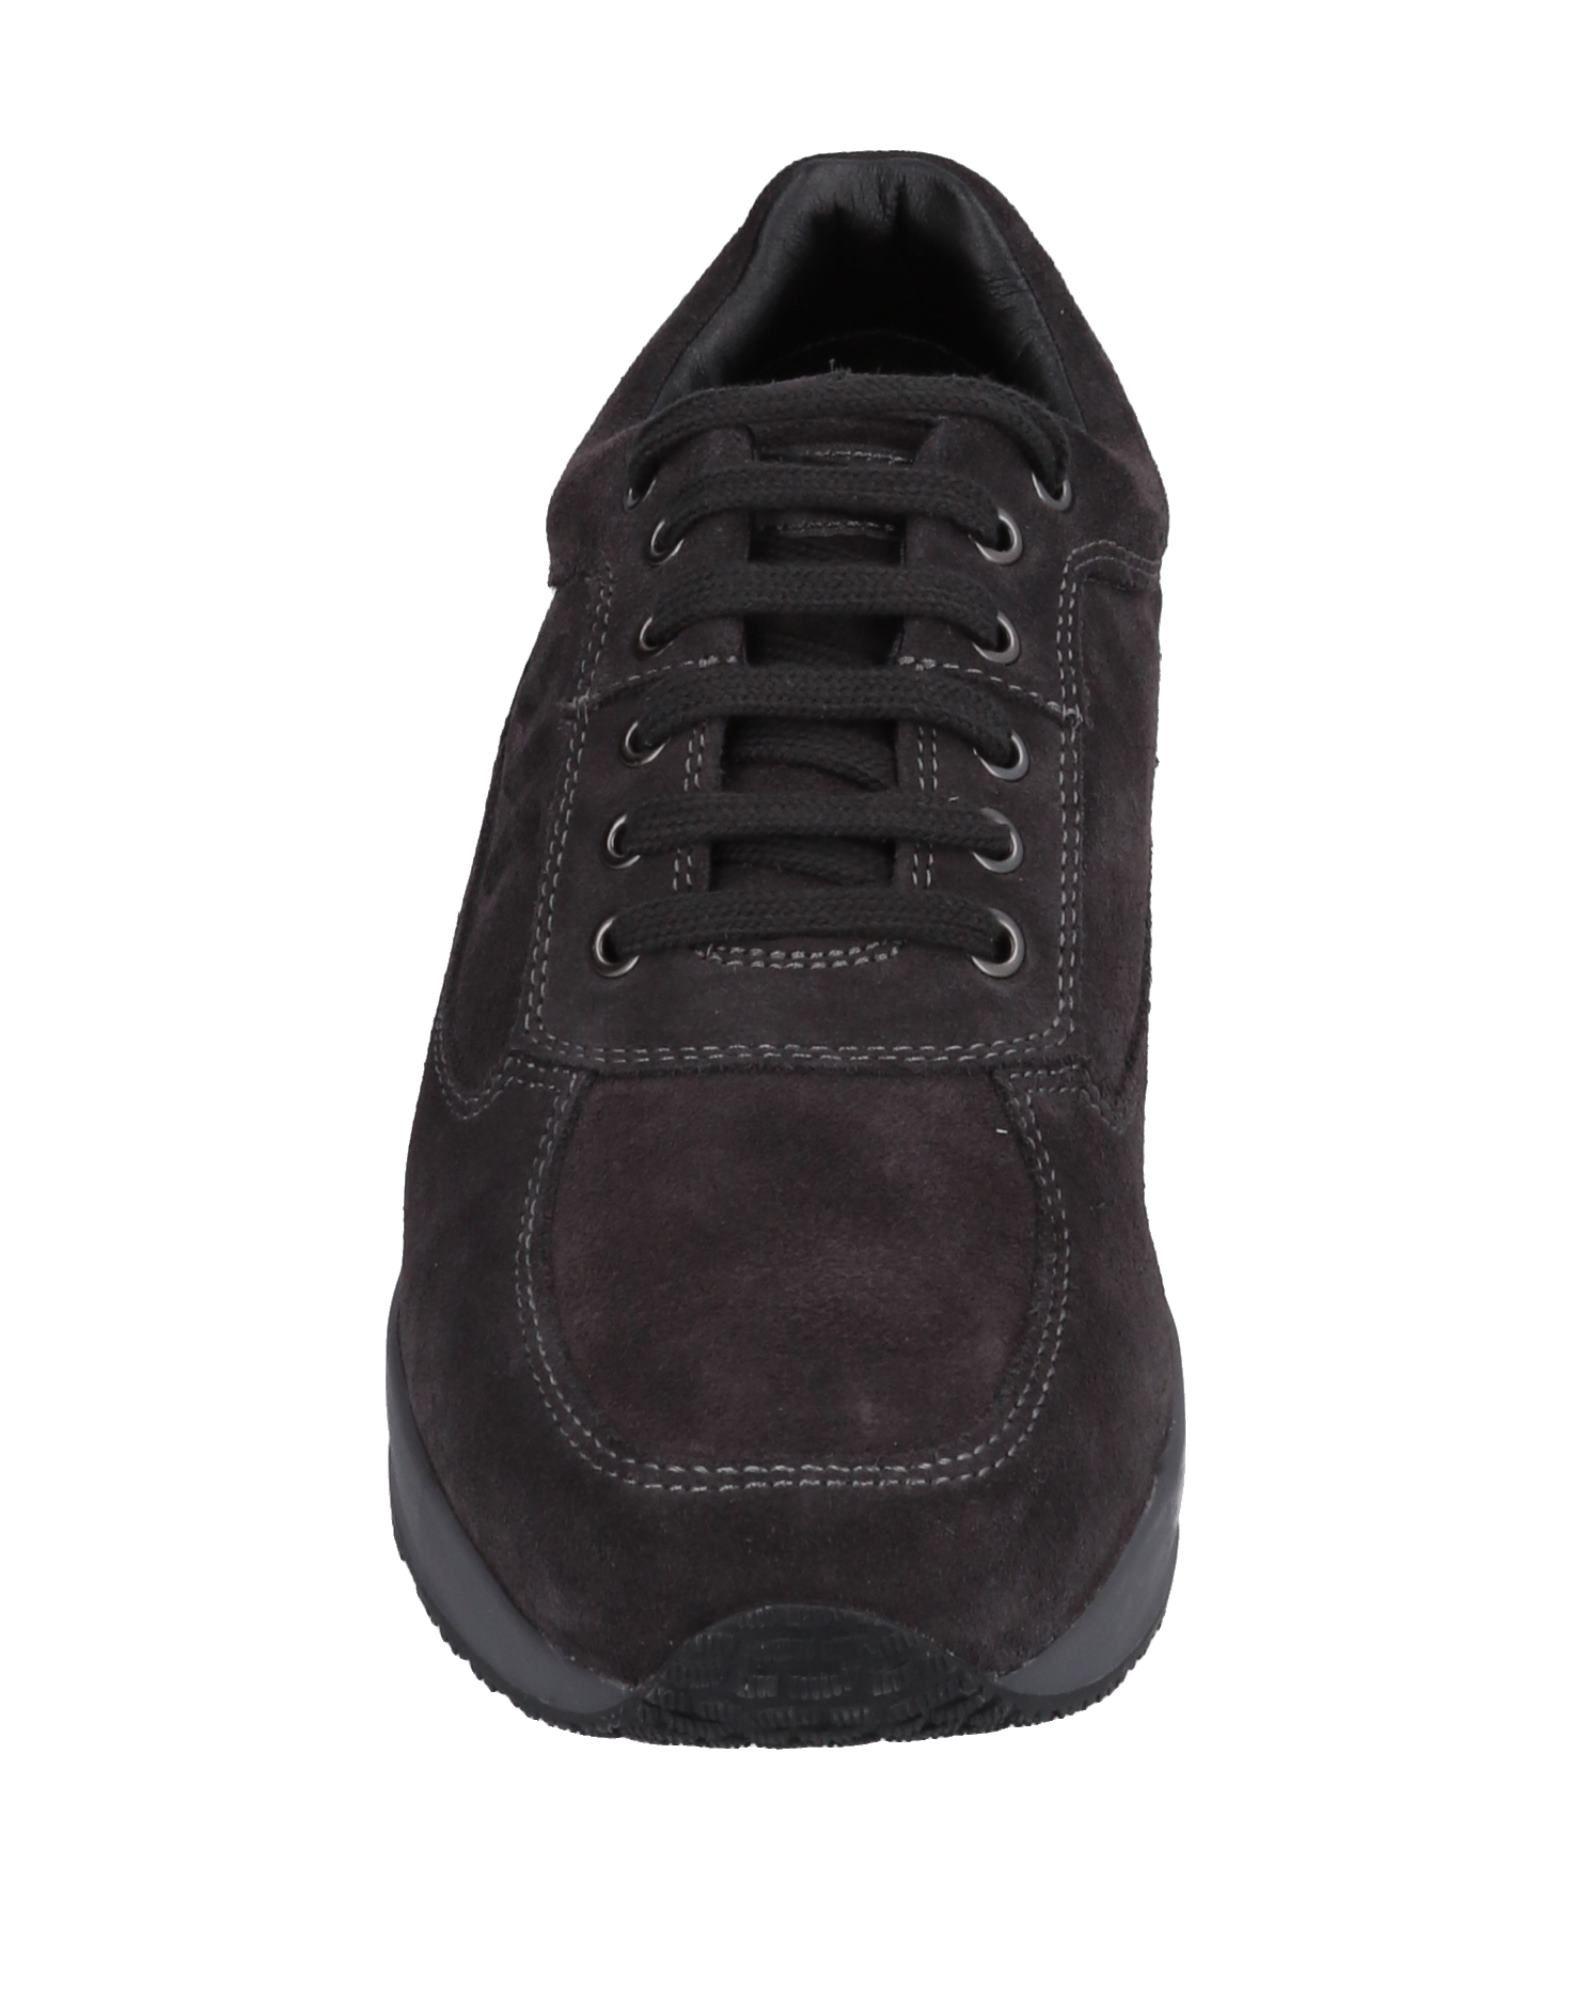 Lumberjack Sneakers - Men Lumberjack Lumberjack Lumberjack Sneakers online on  Canada - 11558682BQ 90429d